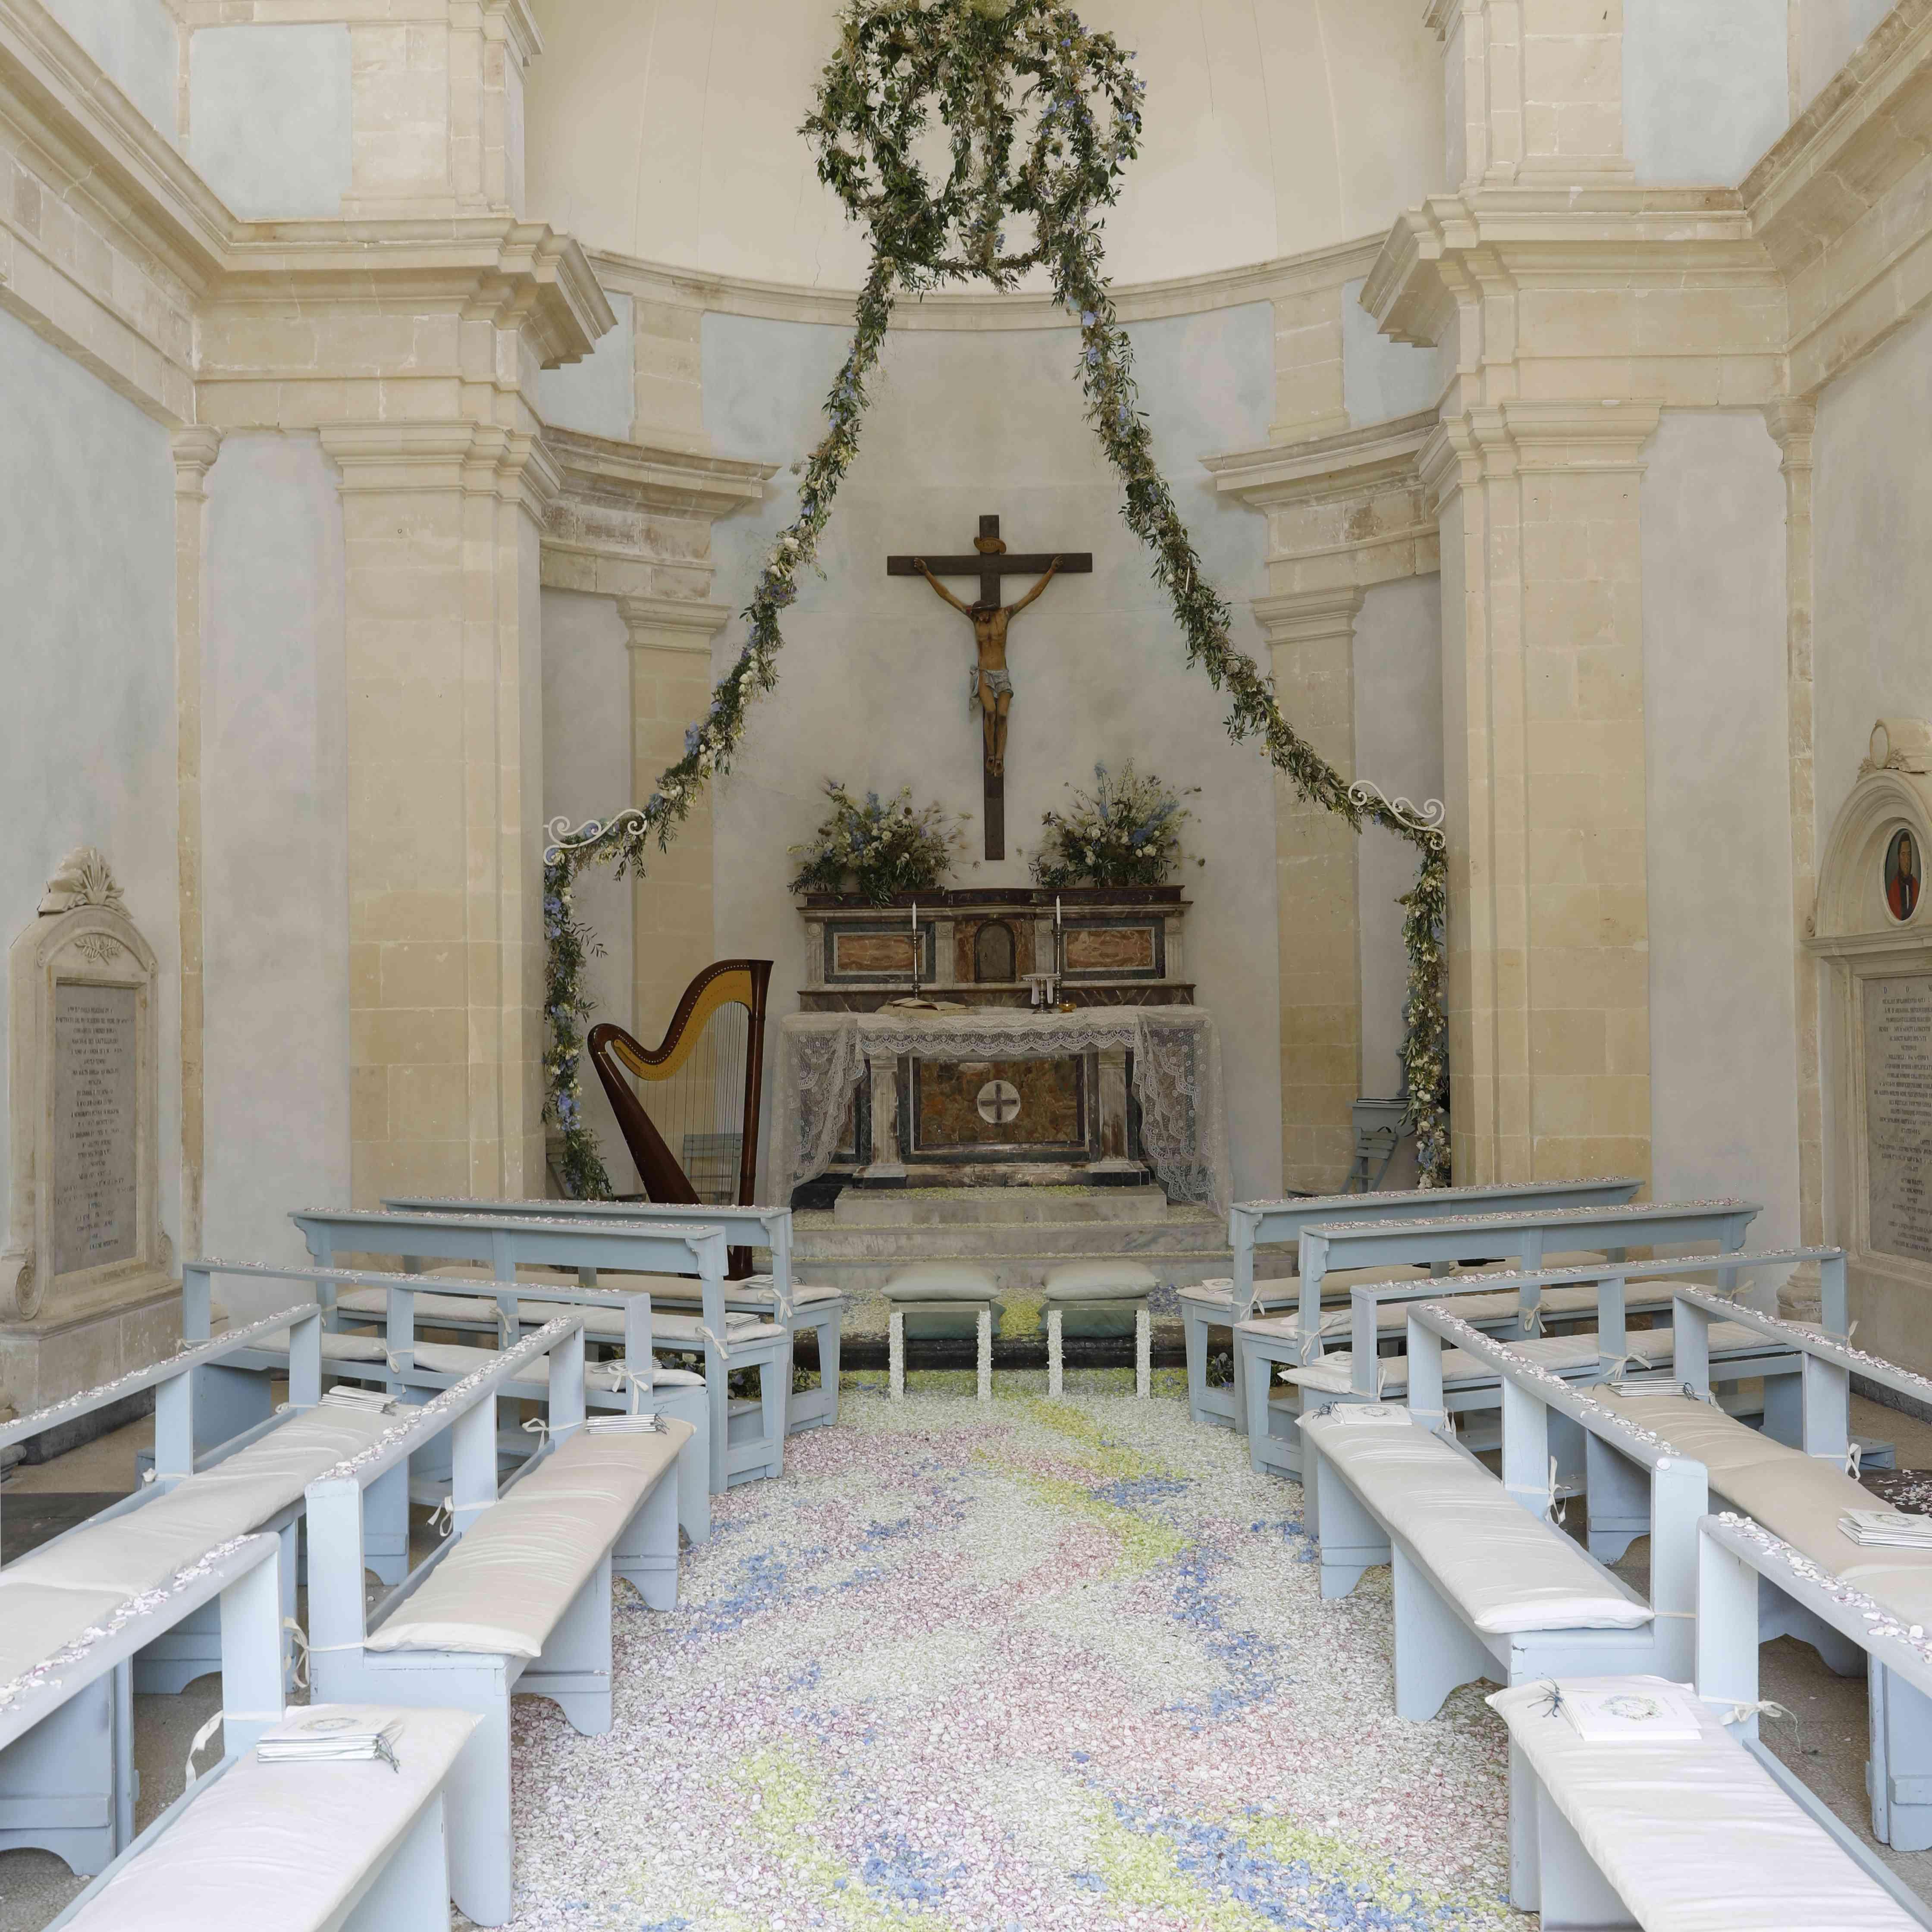 Wedding Chapel Decoration Ideas: 34 Stylish Wedding Aisle Decoration Ideas